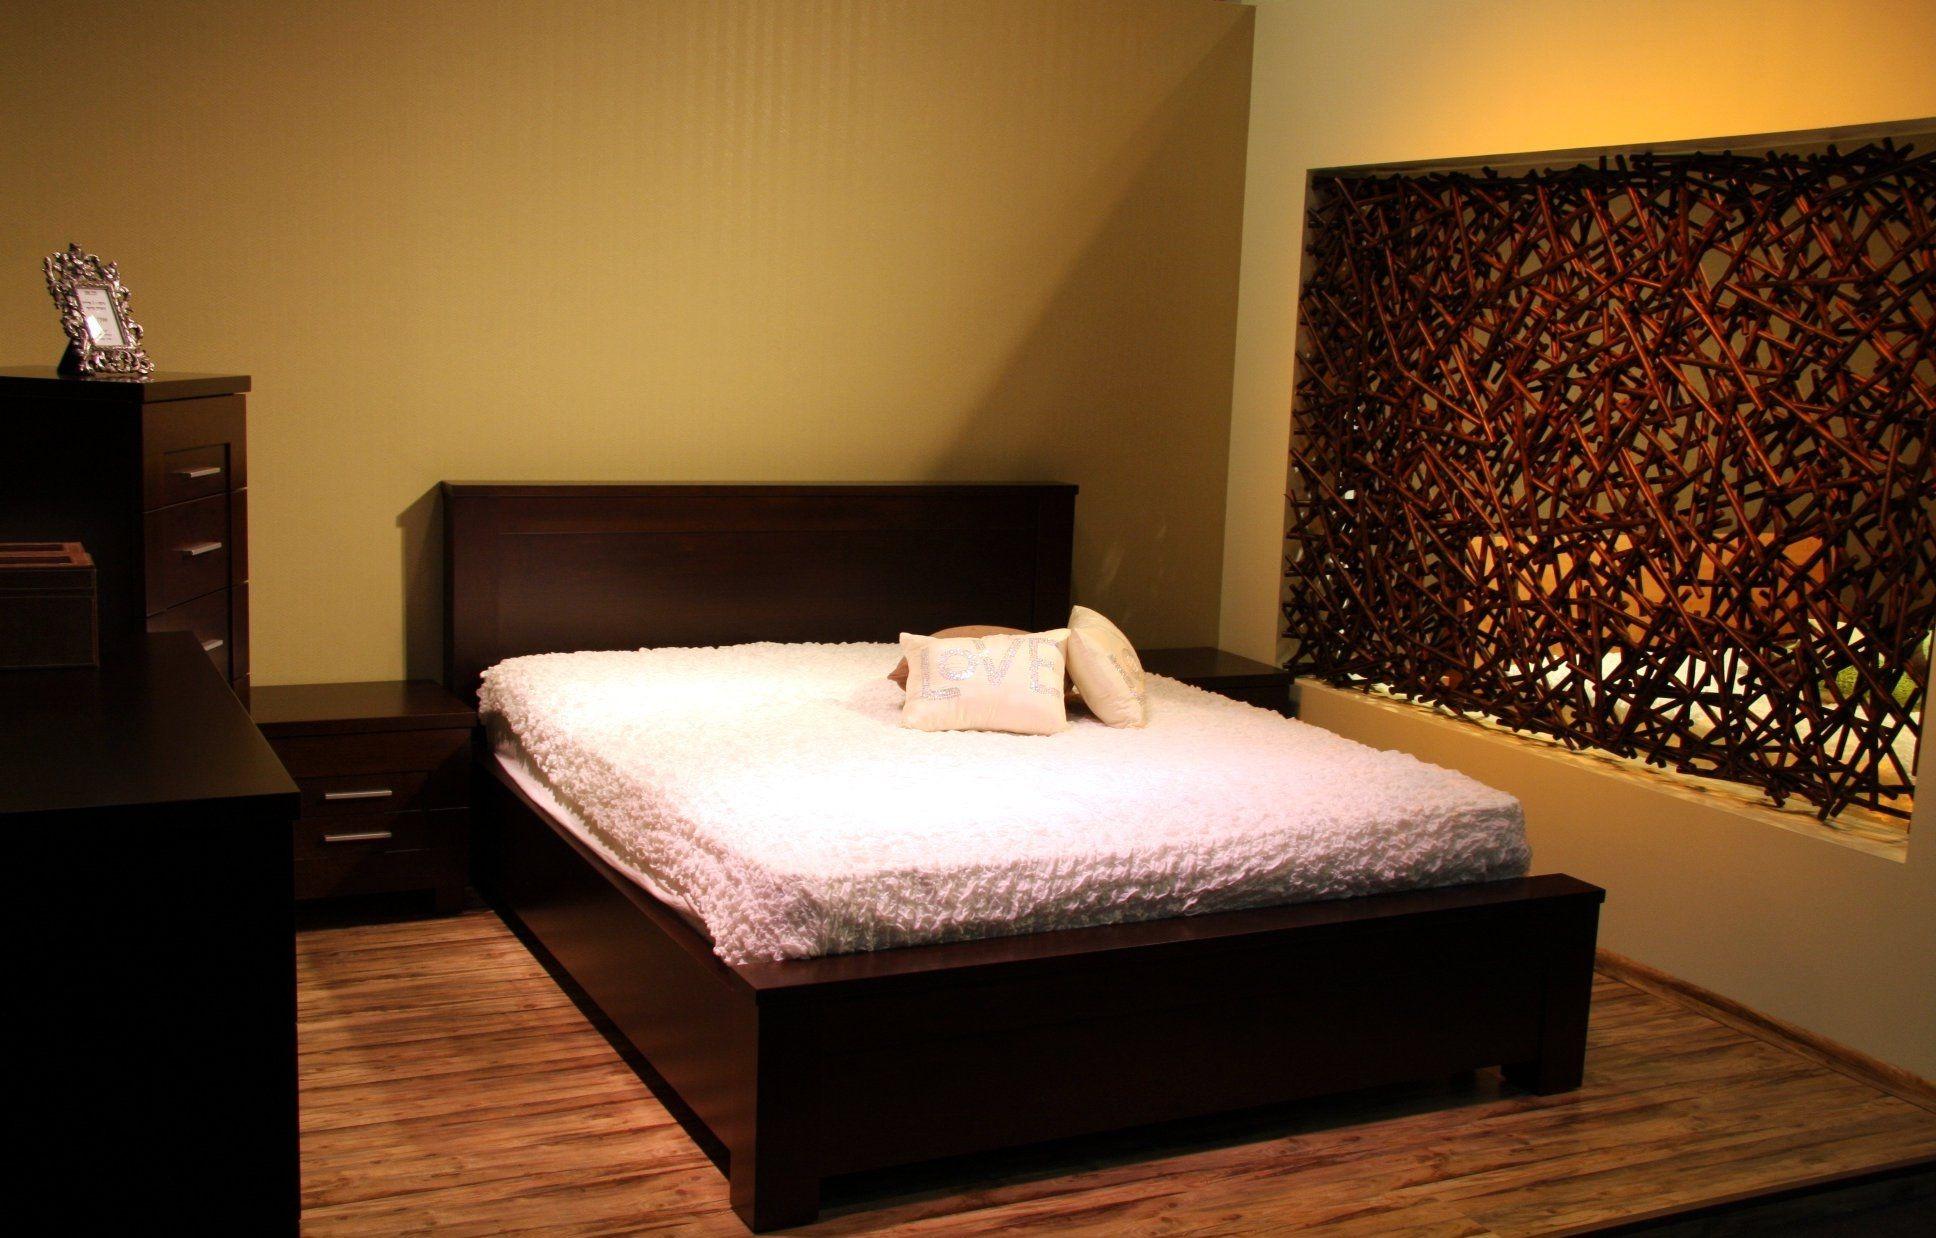 Fotos gratis : piso, interior, residencial, mueble, habitación ...